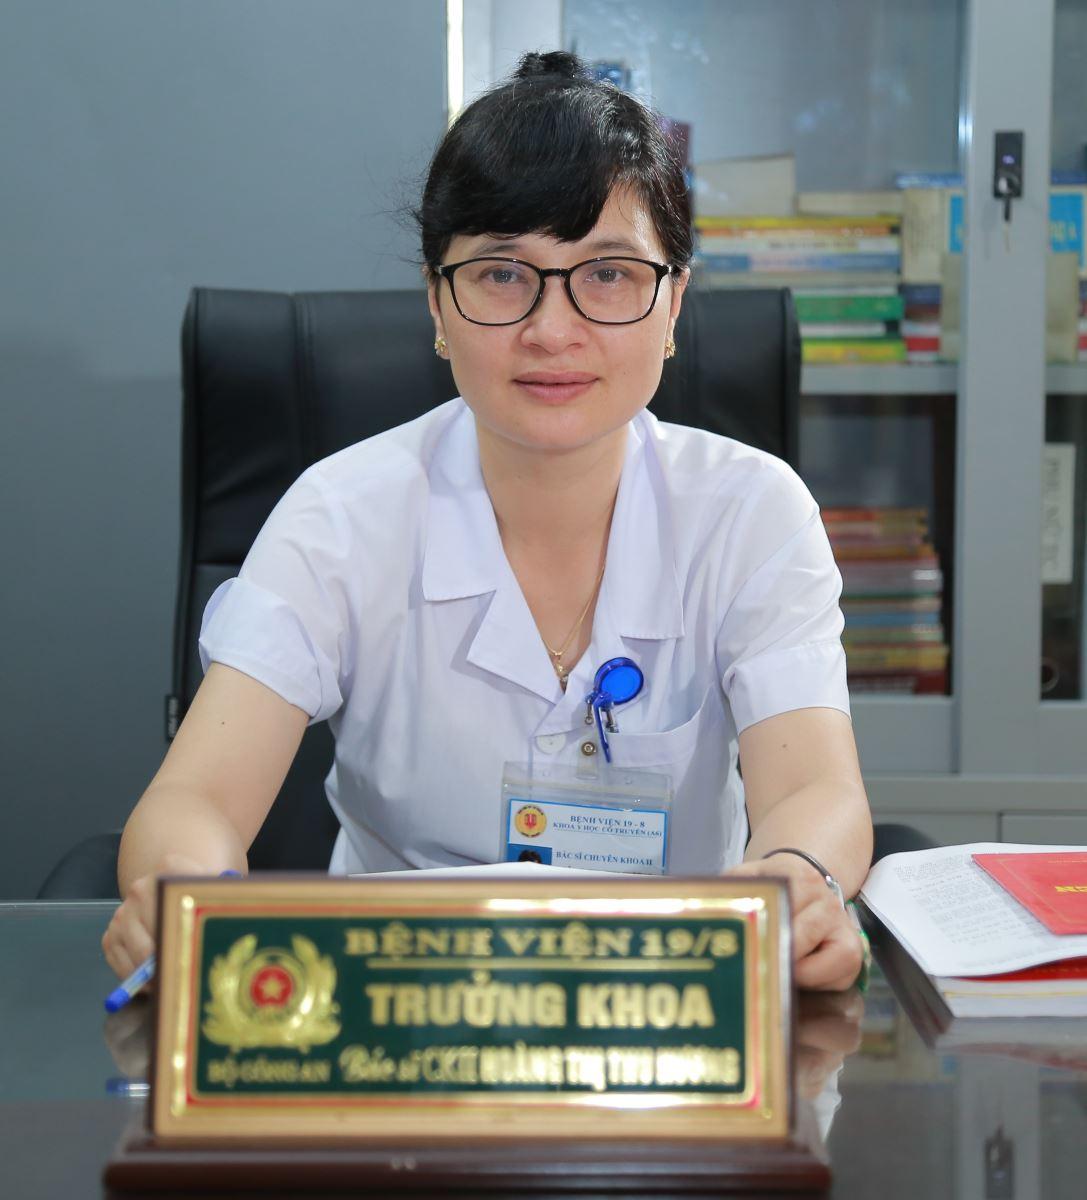 BSCKII Hoàng Thị Thu Hương